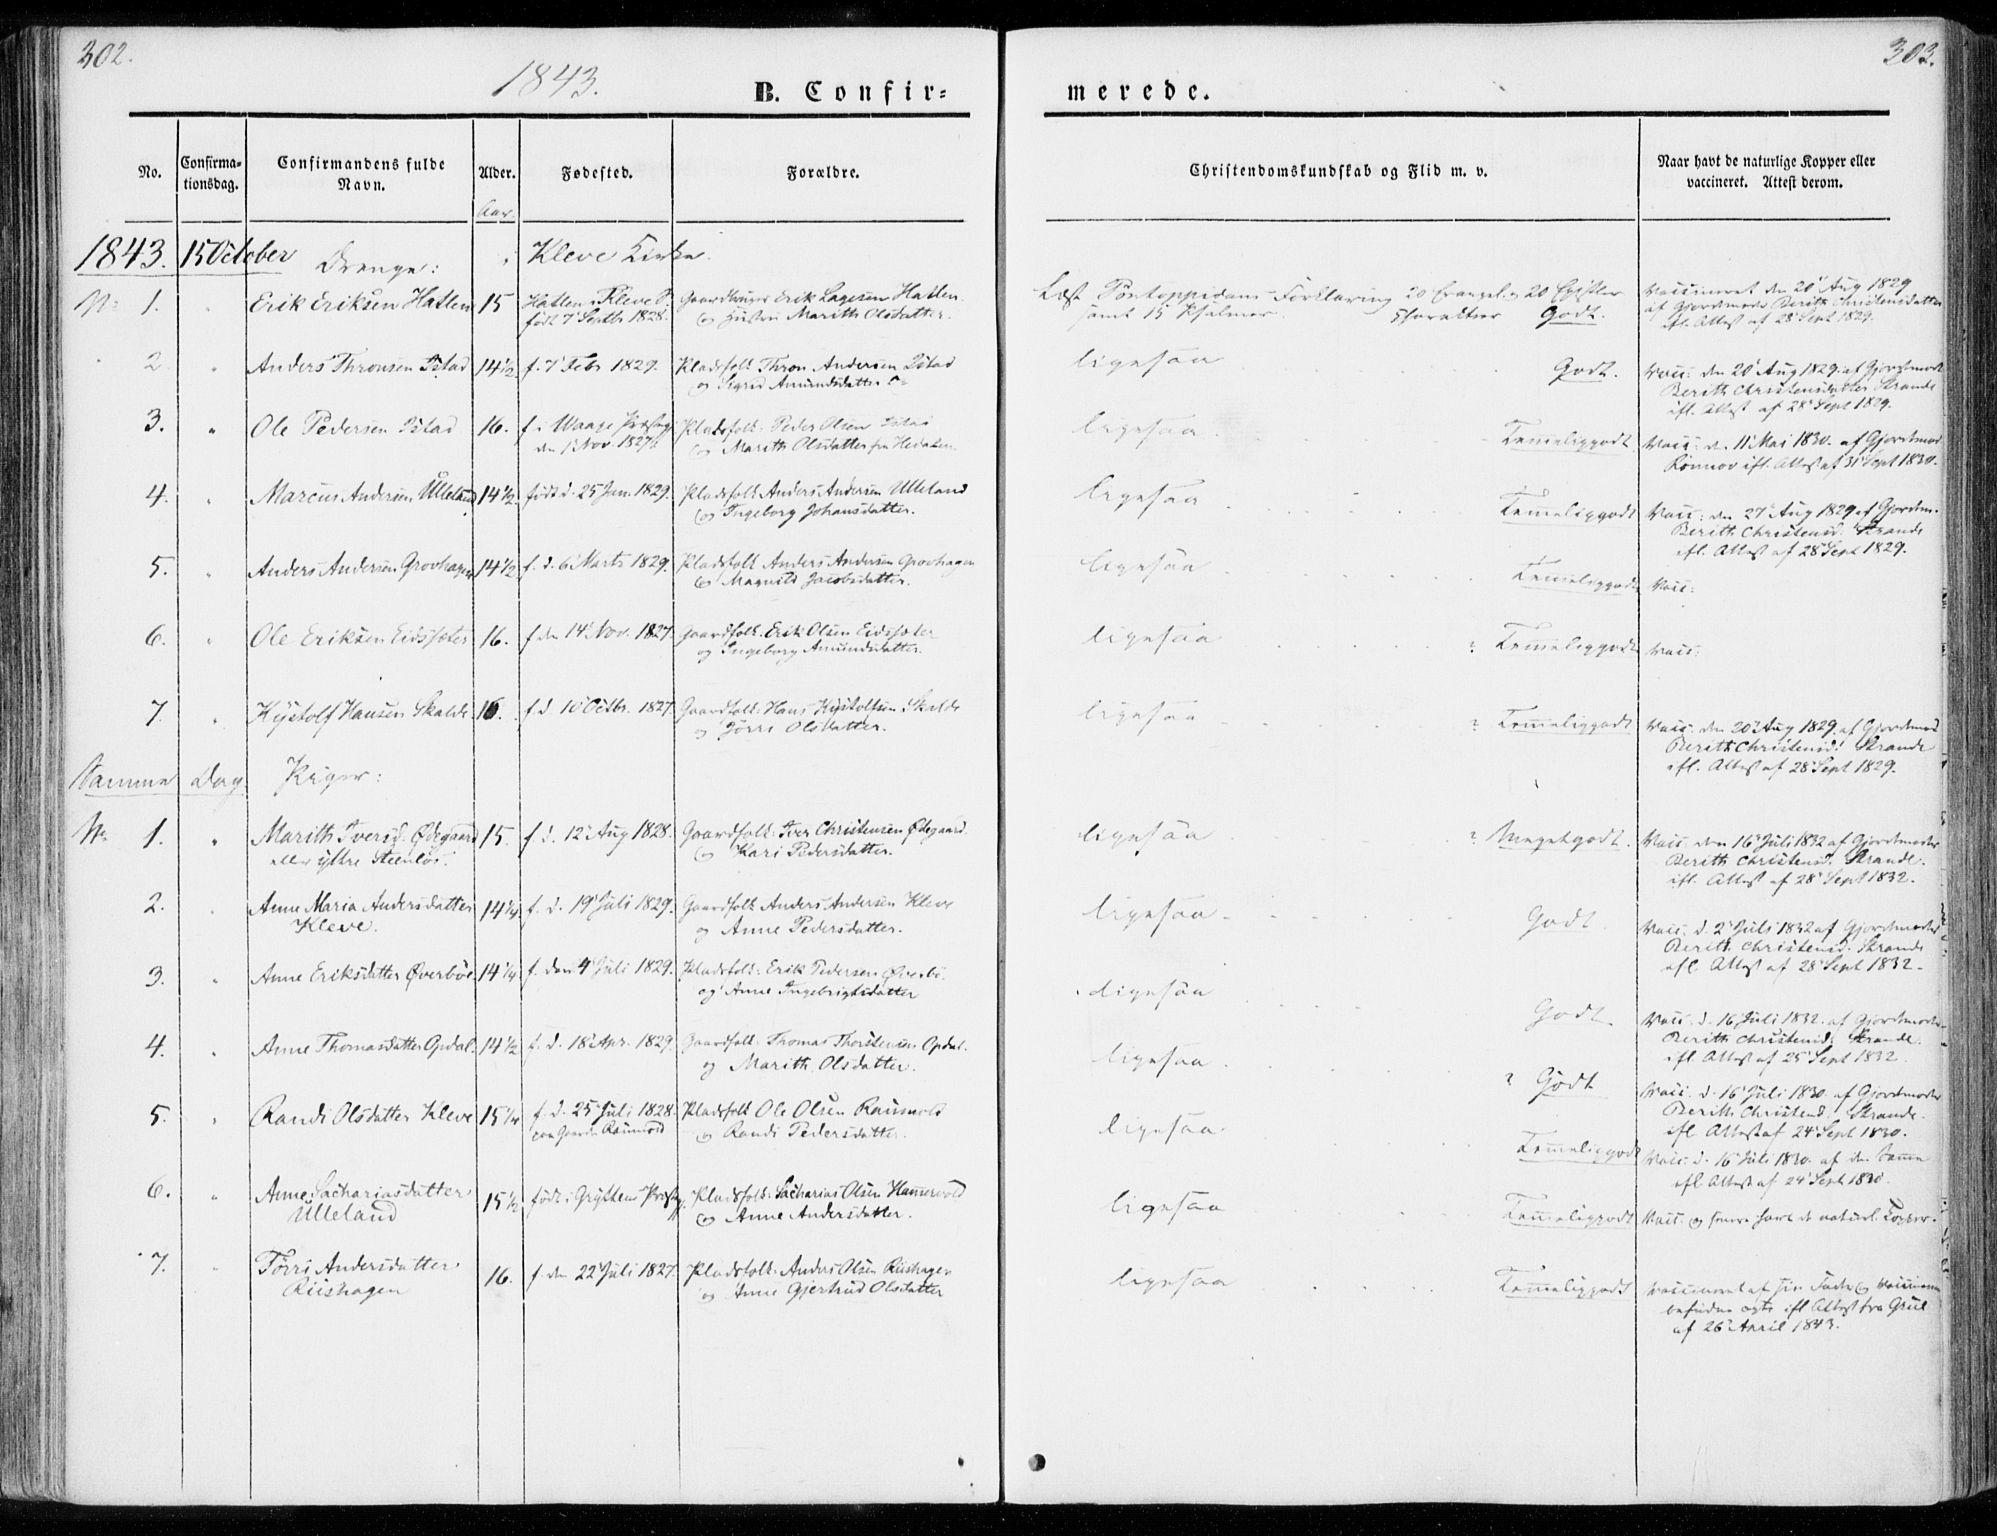 SAT, Ministerialprotokoller, klokkerbøker og fødselsregistre - Møre og Romsdal, 557/L0680: Parish register (official) no. 557A02, 1843-1869, p. 302-303